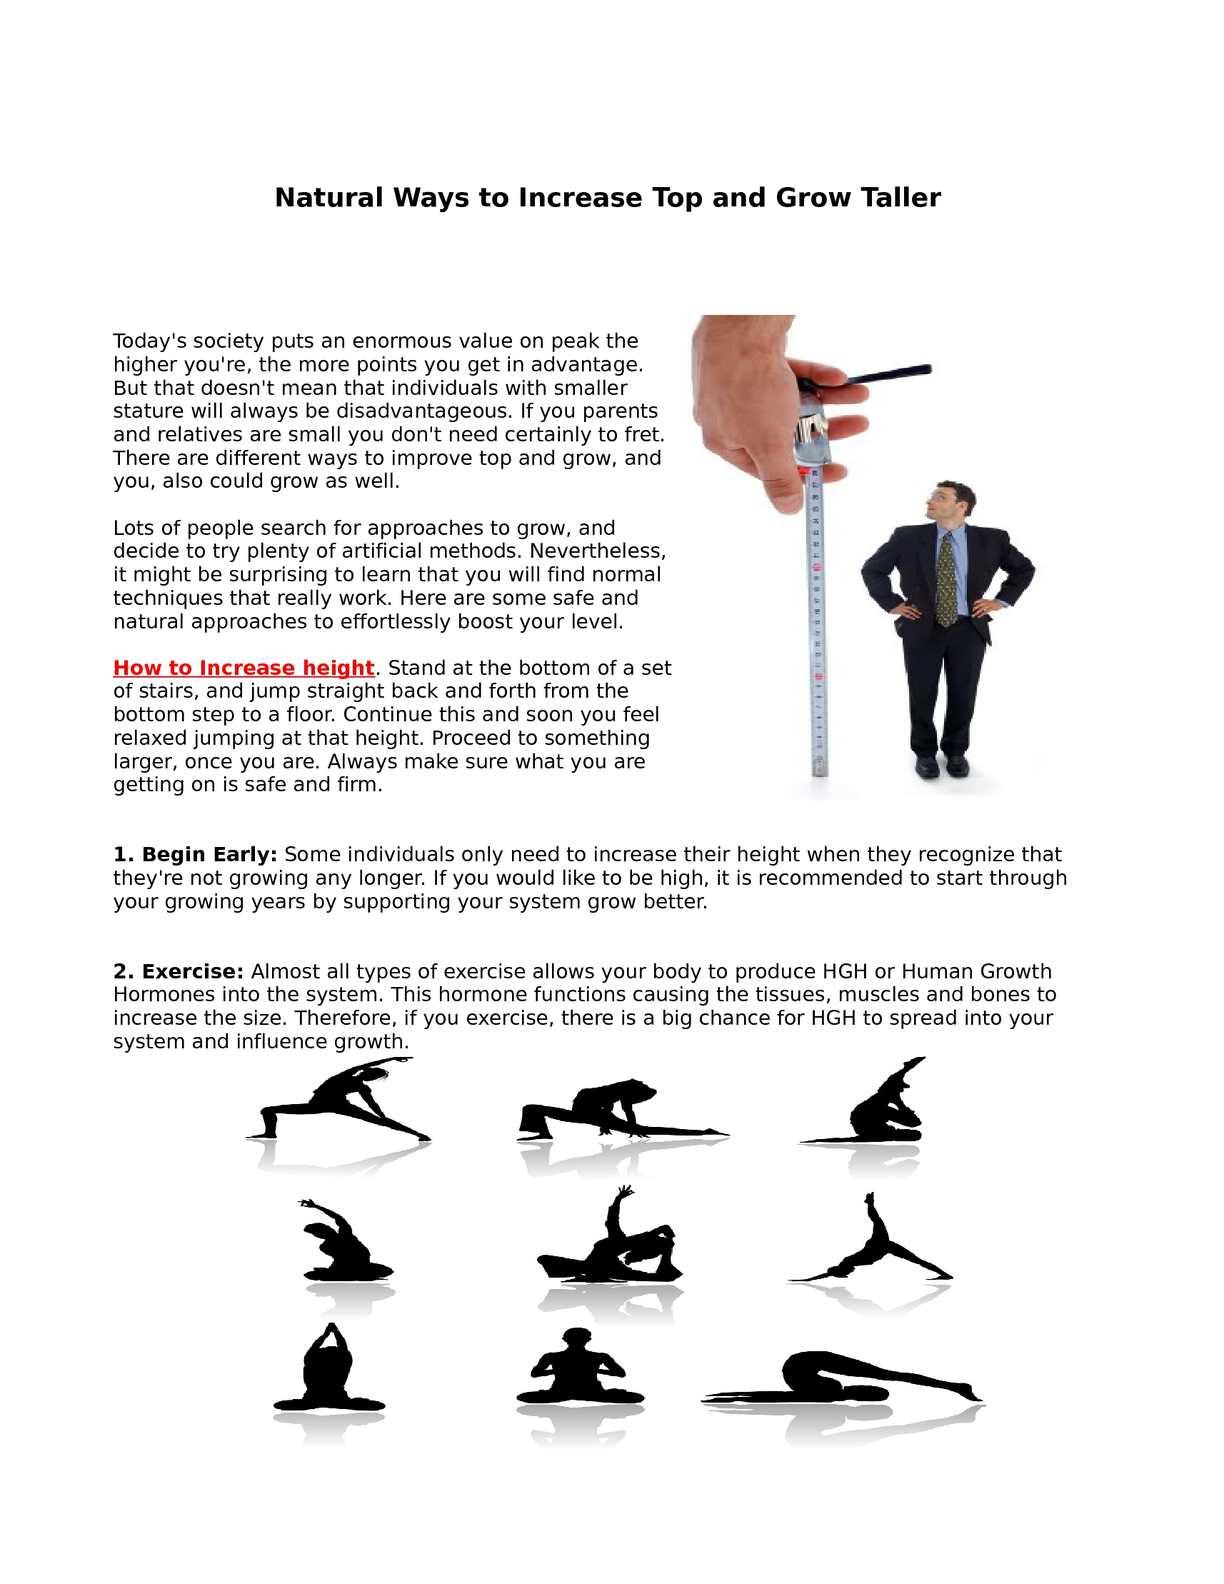 Calaméo - Natural Ways to Increase Top and Grow Taller